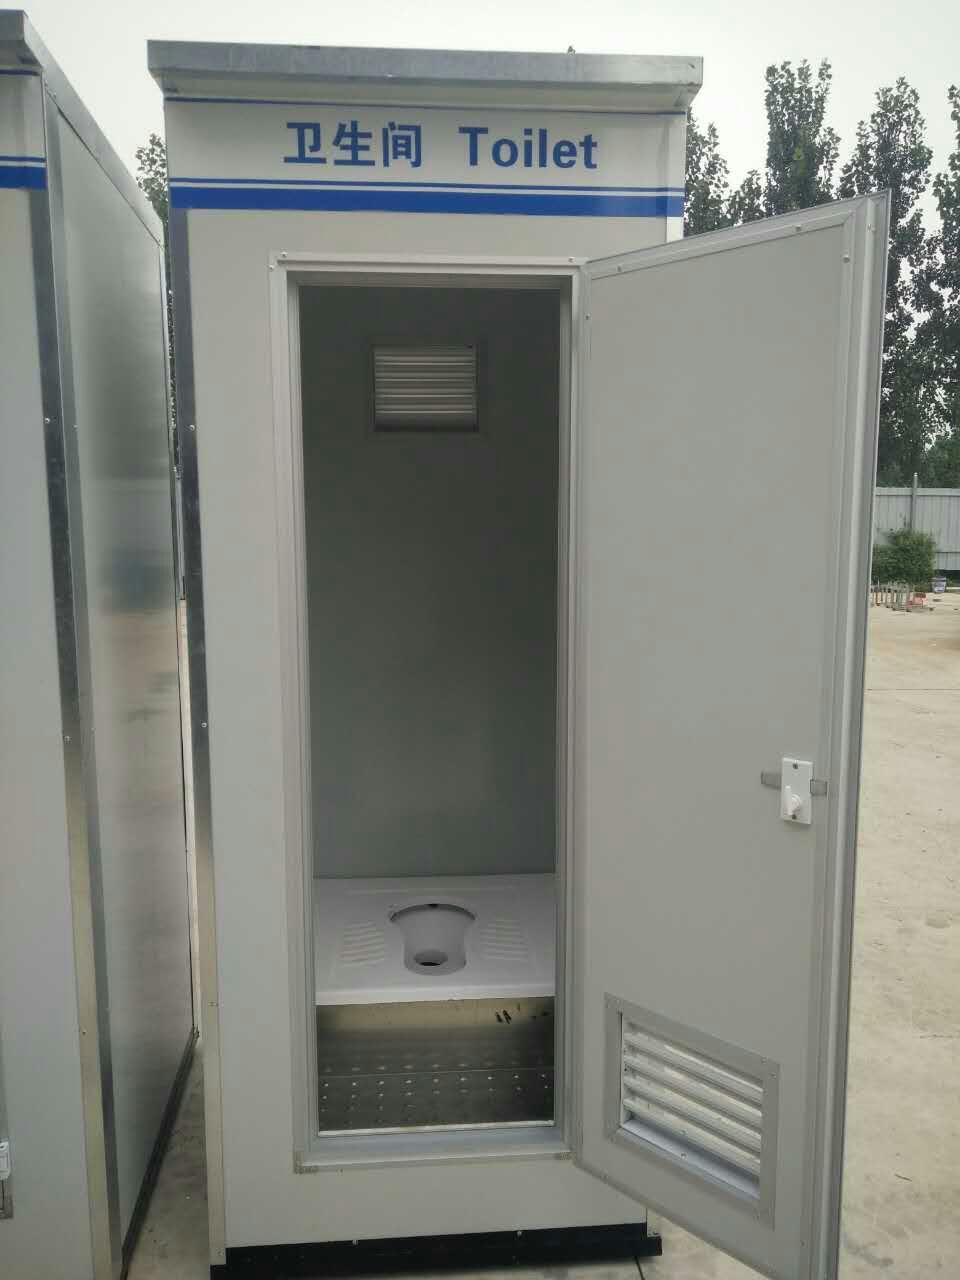 杭州豪华移动厕所租赁 苏州豪华卫生间租赁 租期灵活即租即用